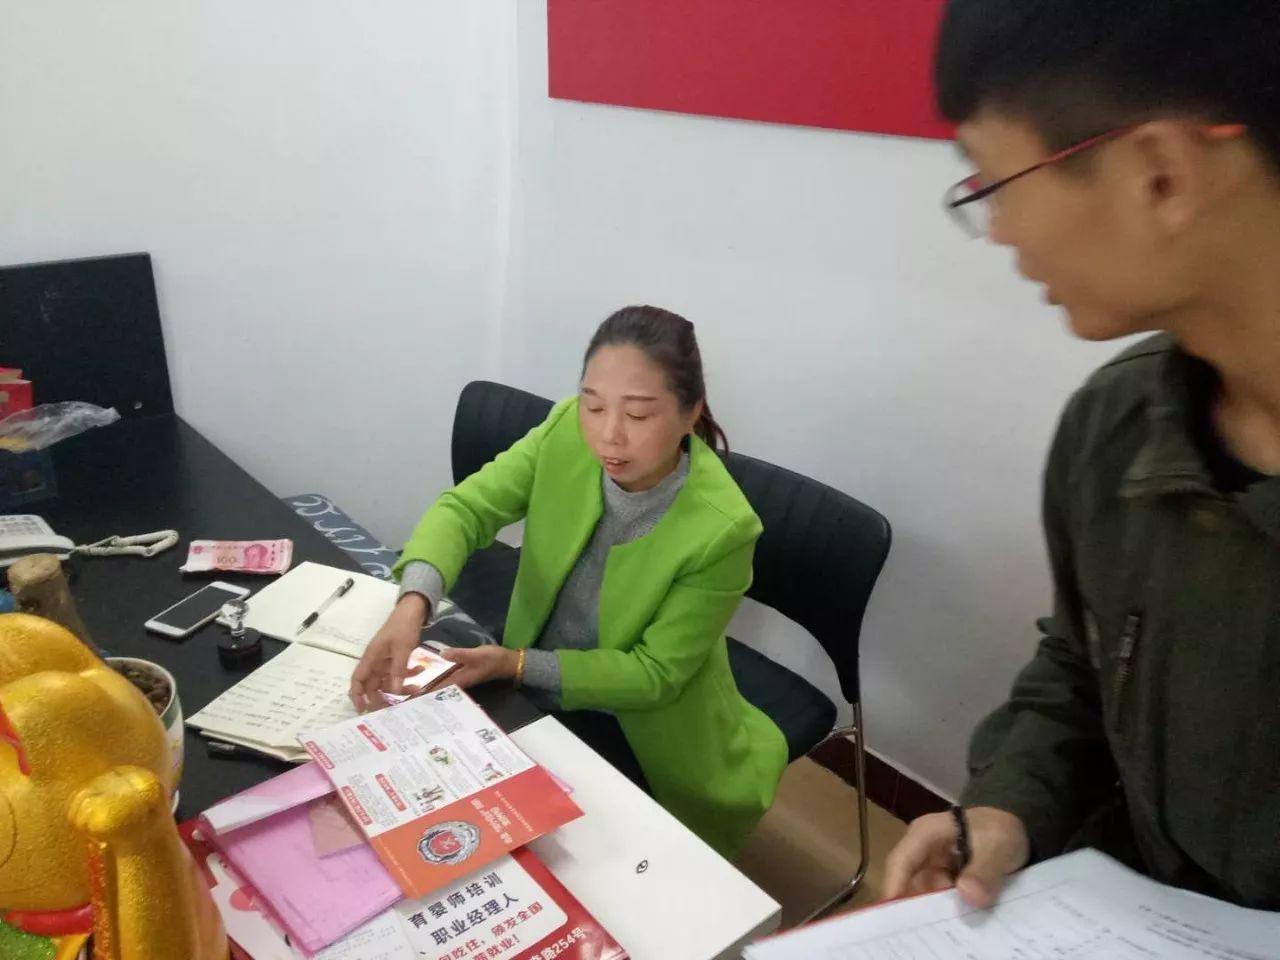 注意,卖yin团伙盯上乐东女性了,县城有3人上当,诈骗聊天记录曝光!